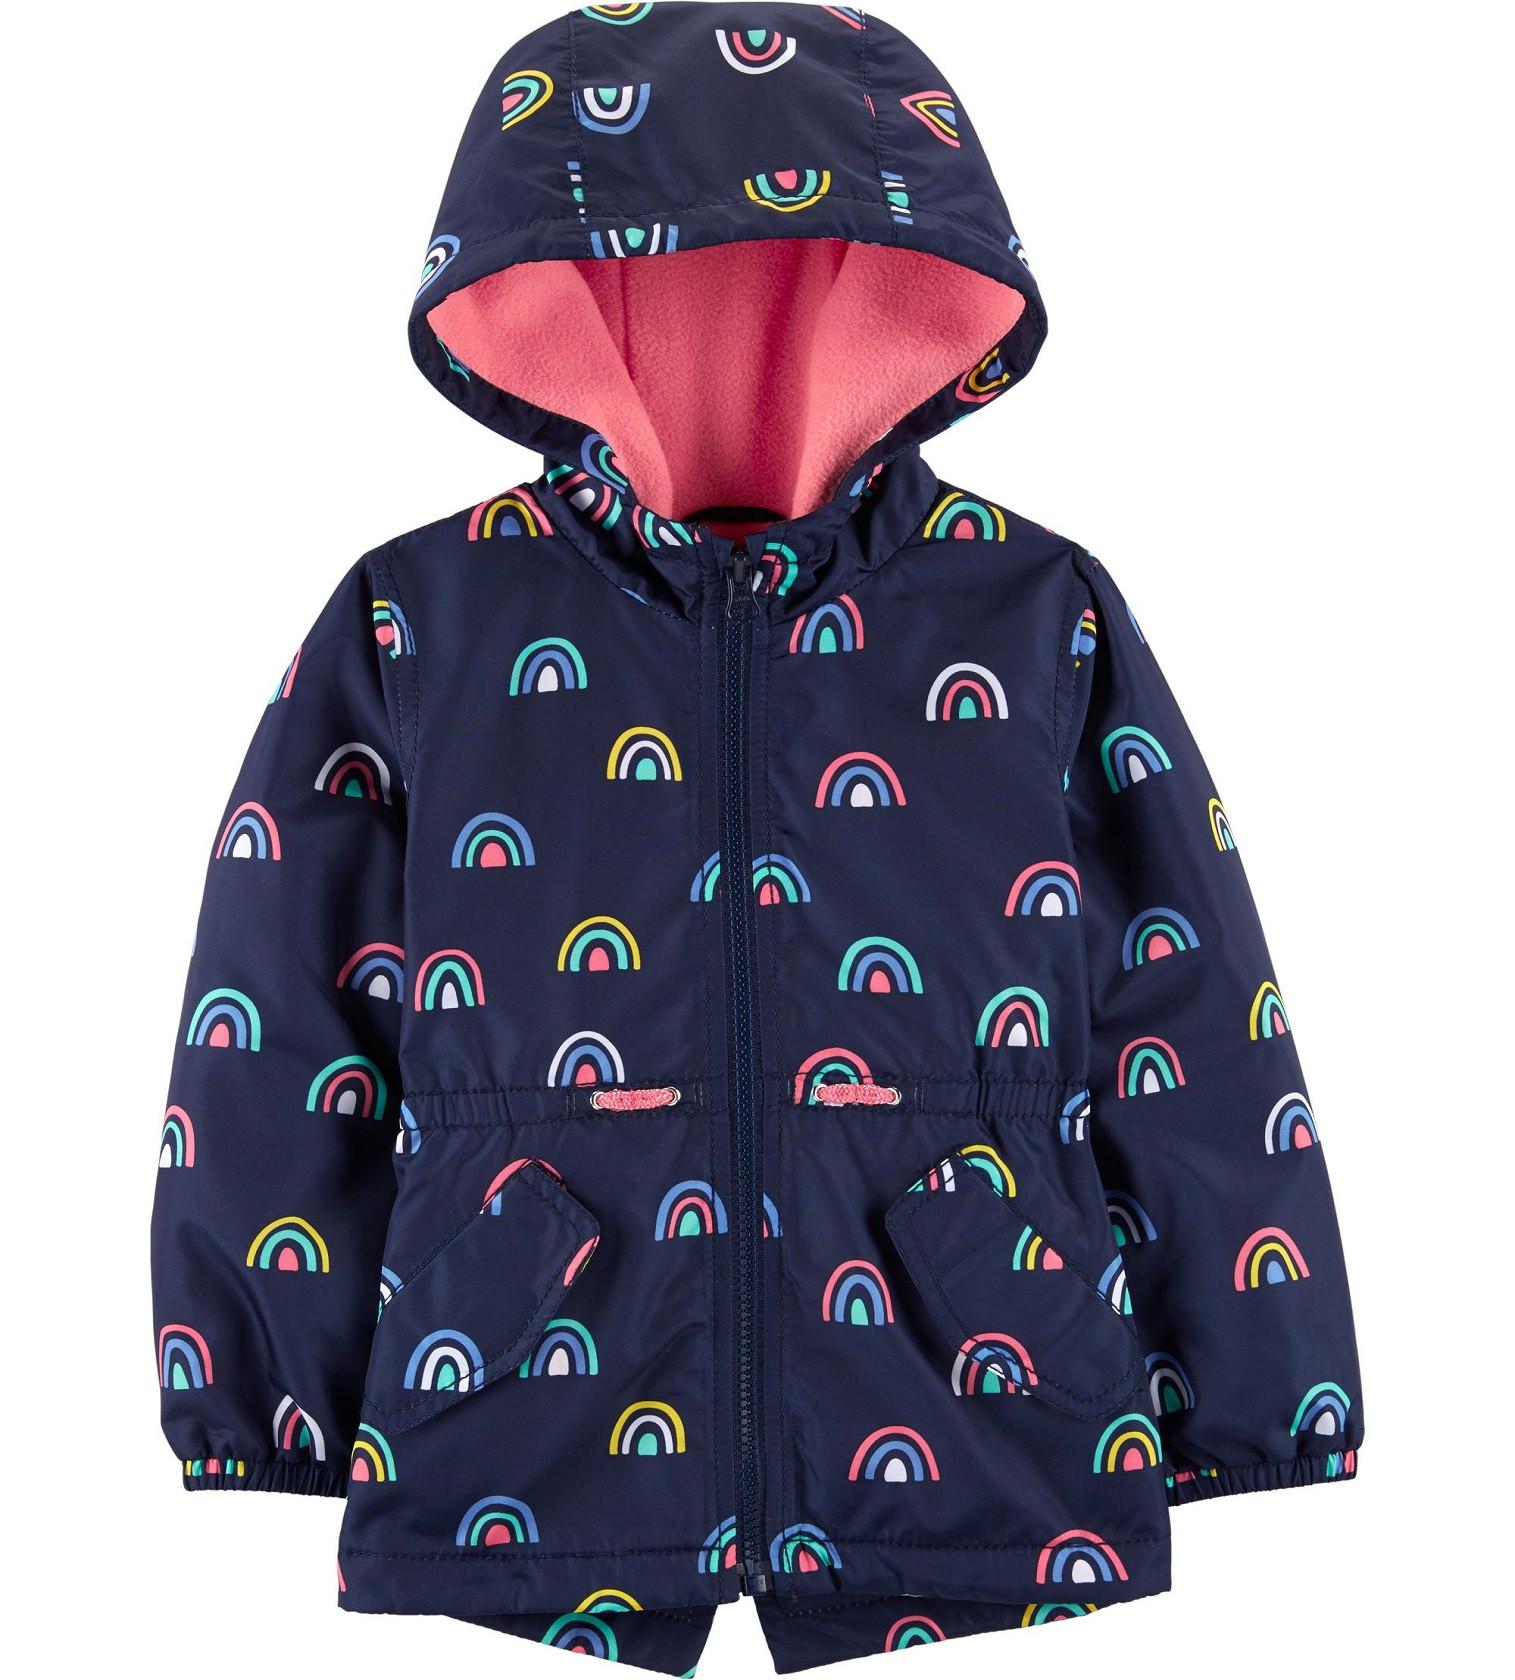 Купити Куртка на флісі Carters Rainbow Navy - фото 1